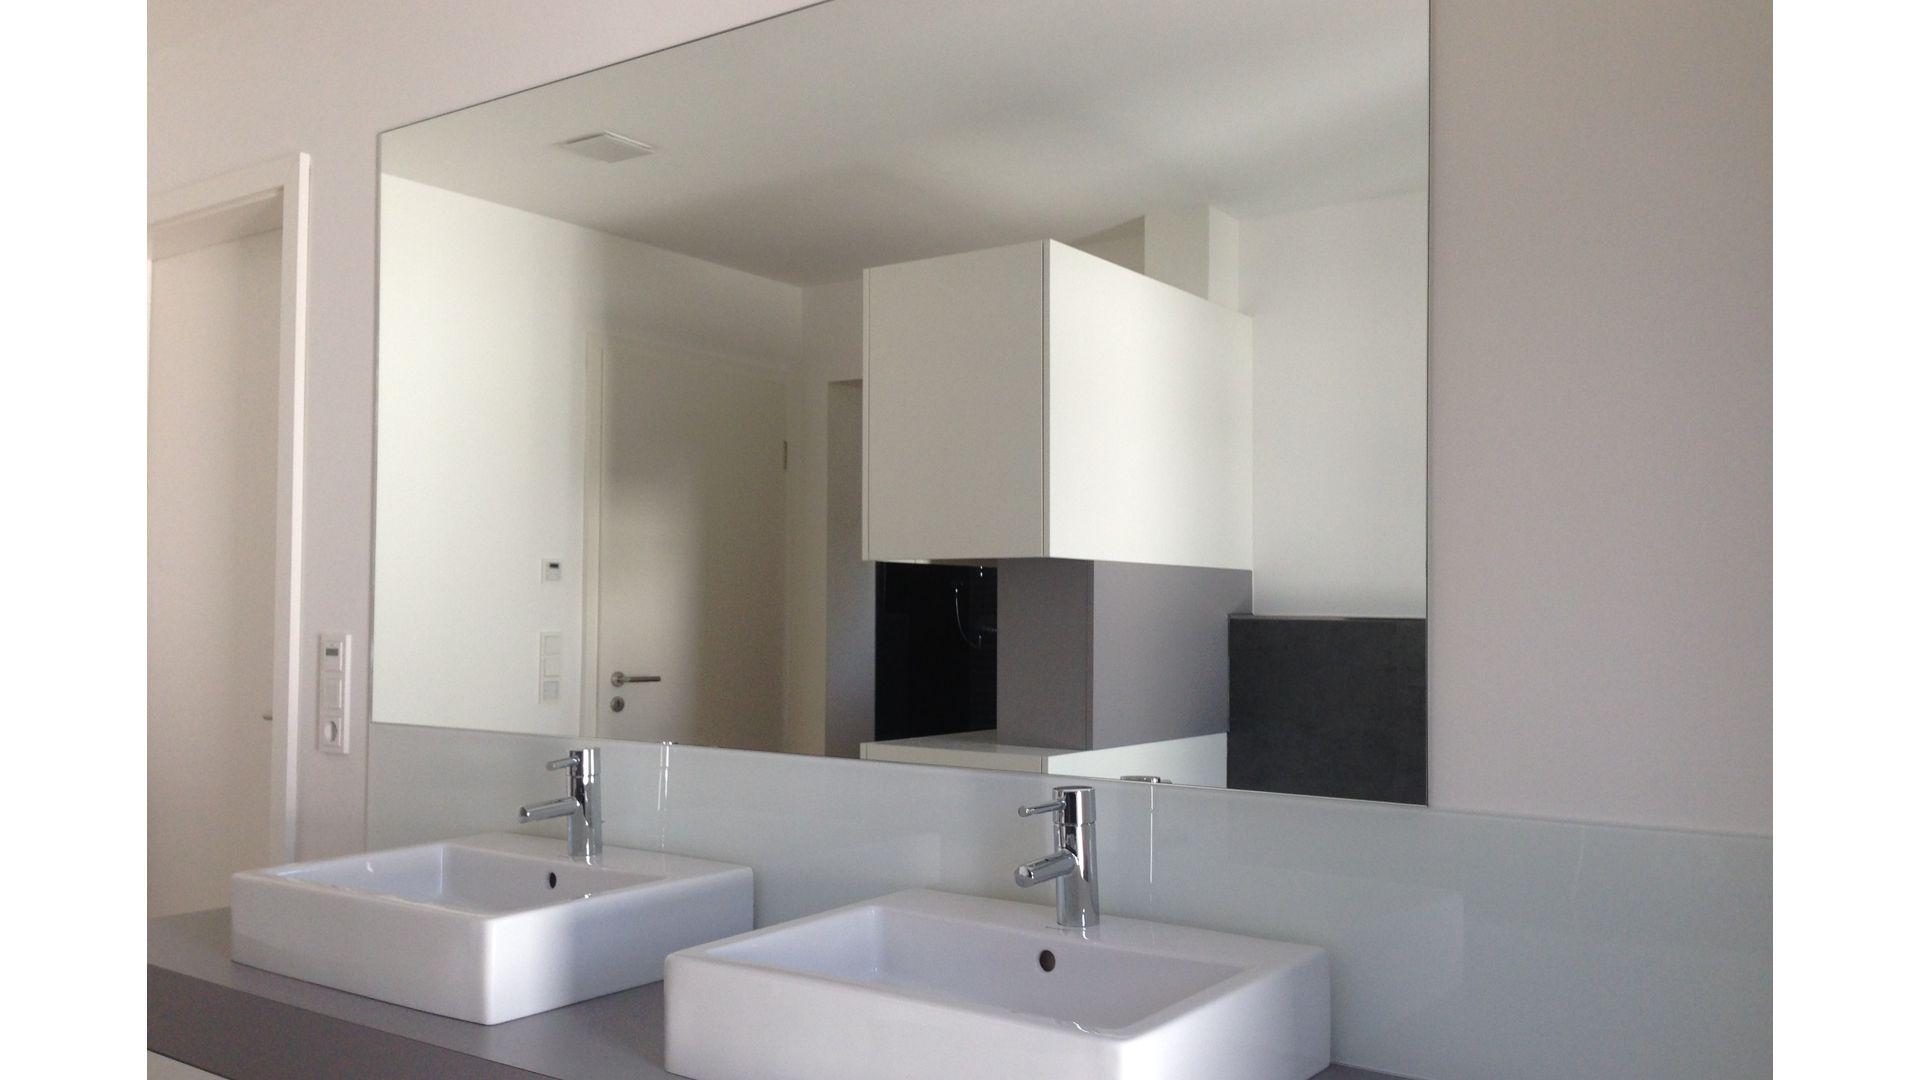 spiegel nach ma glas voit gmbh glas voit gmbh. Black Bedroom Furniture Sets. Home Design Ideas